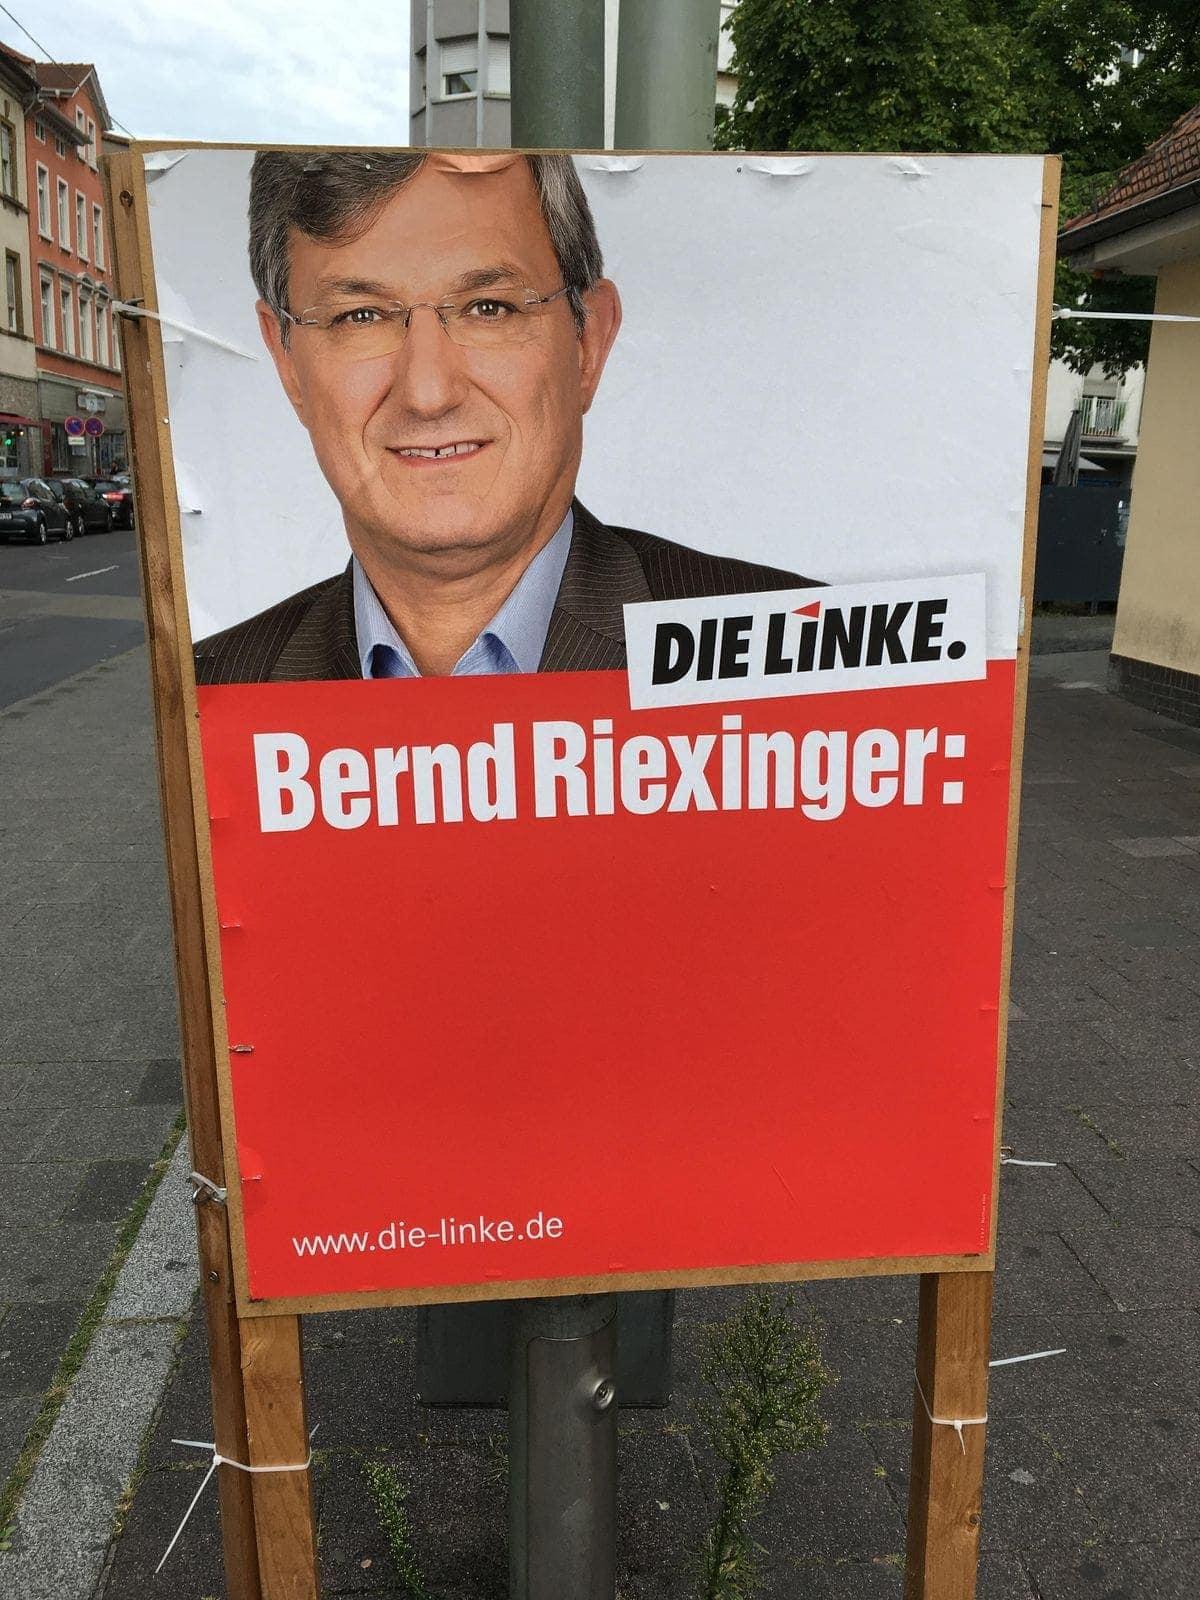 Das ehrlichste Werbeplakat kommt von Bernd Riexinger (Die Linke) | Lustiges | Was is hier eigentlich los?